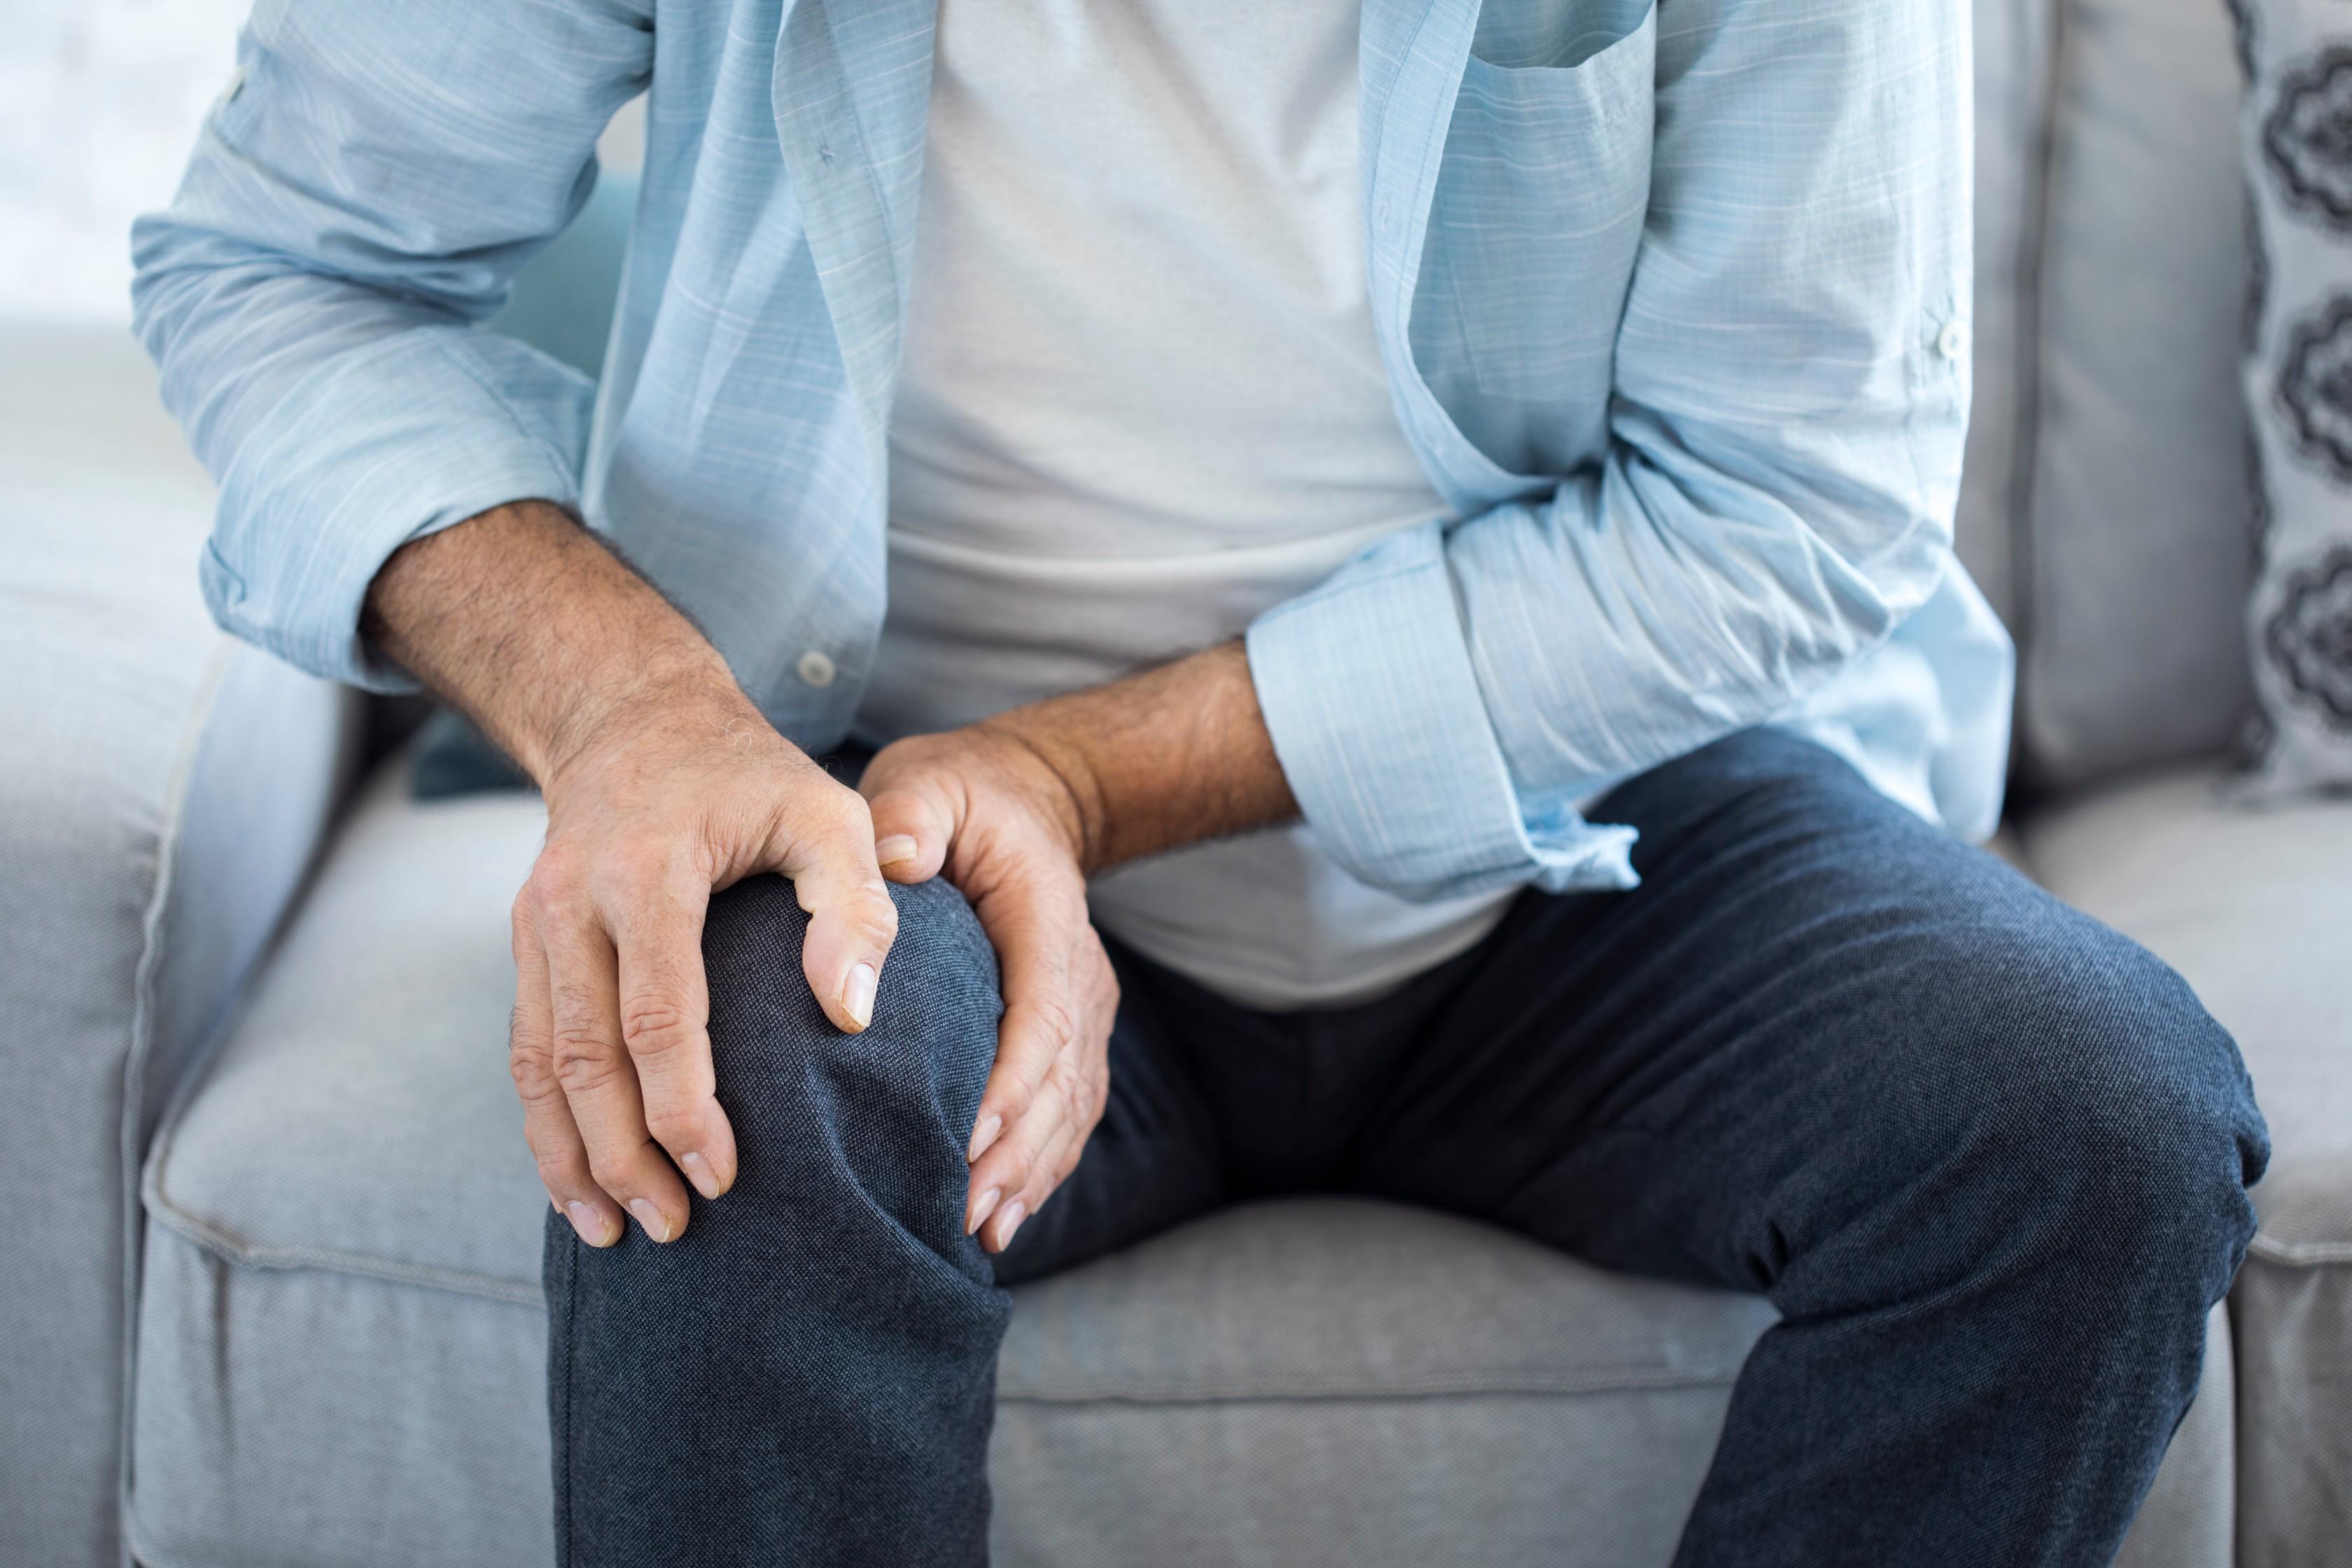 Méregdrága kamu gyógykenőccsel verik át az ízületi betegeket